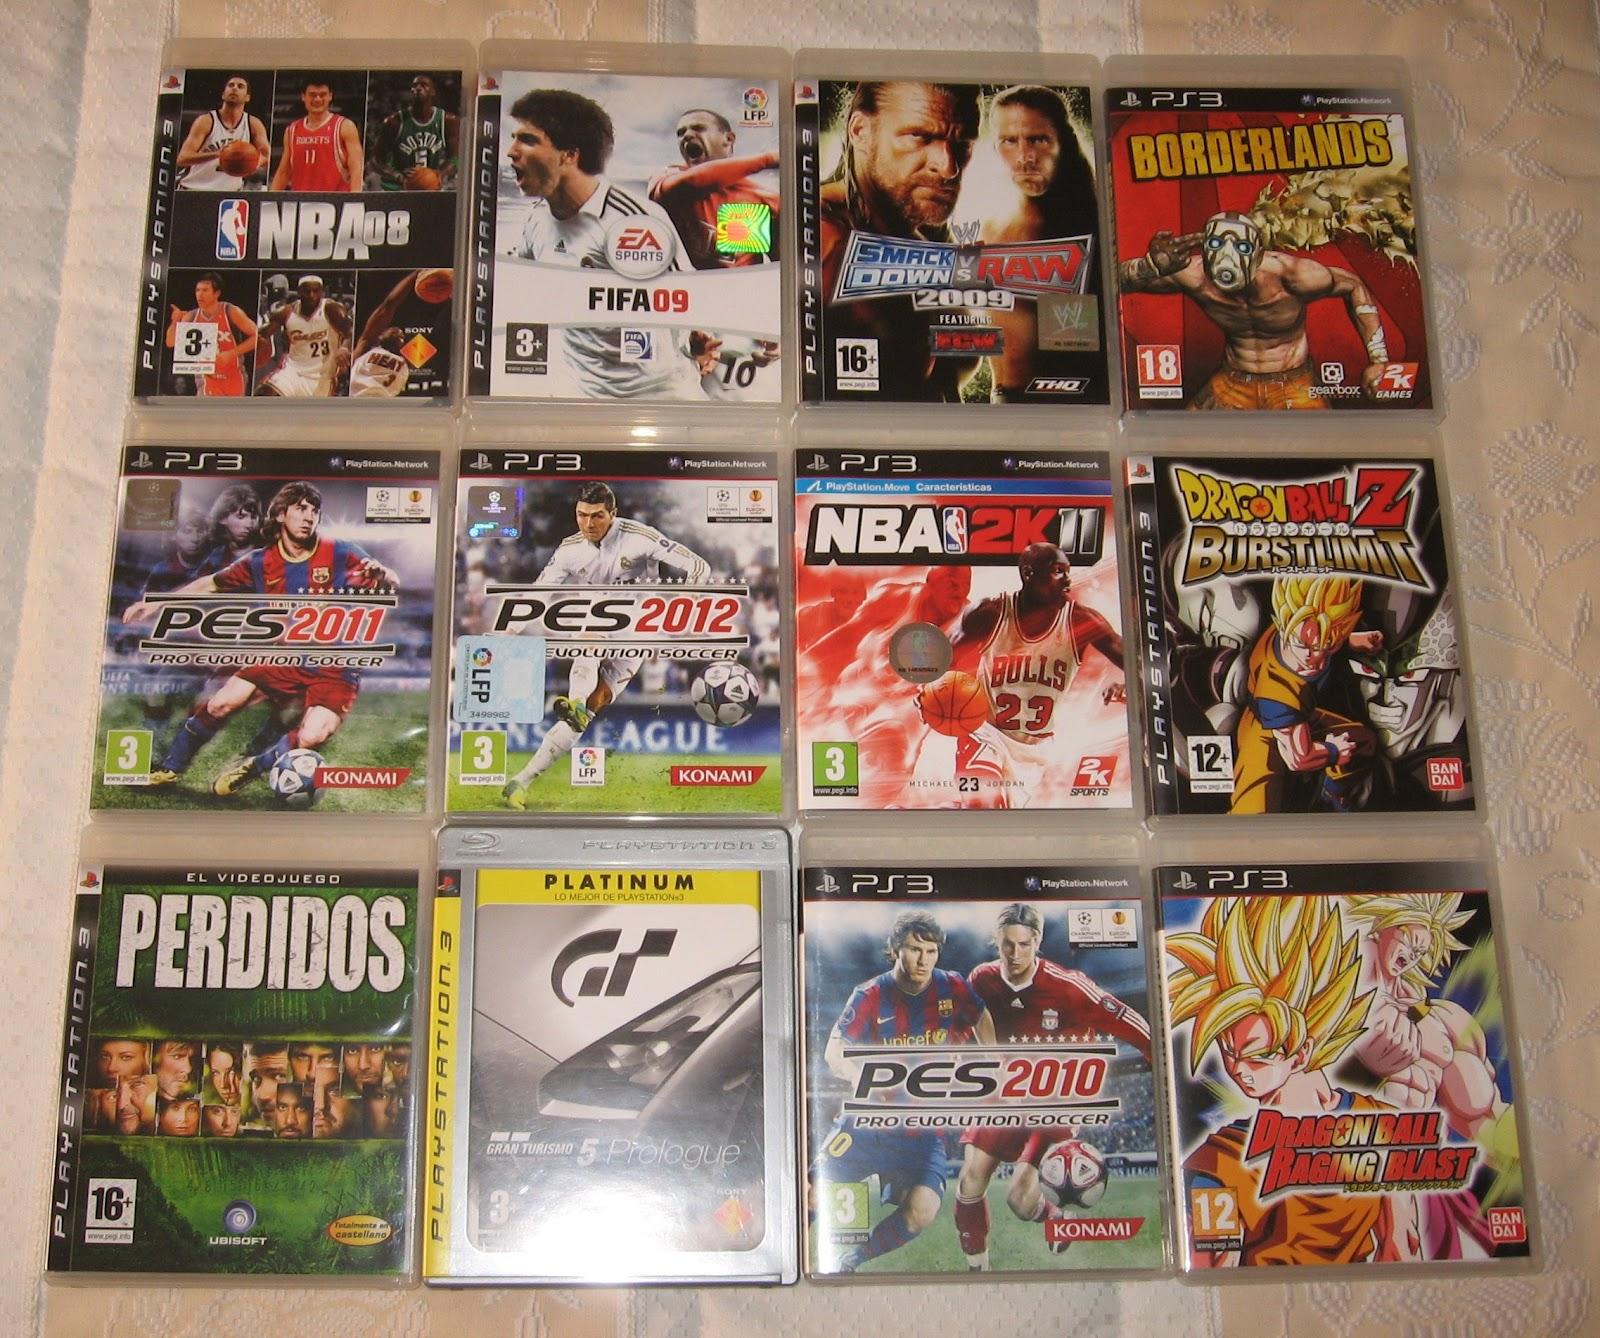 http://3.bp.blogspot.com/-g_DYulz1874/T-D_hHoynmI/AAAAAAAACg8/huxVlMW3D7w/s1600/Juegos+PlayStation+3.JPG